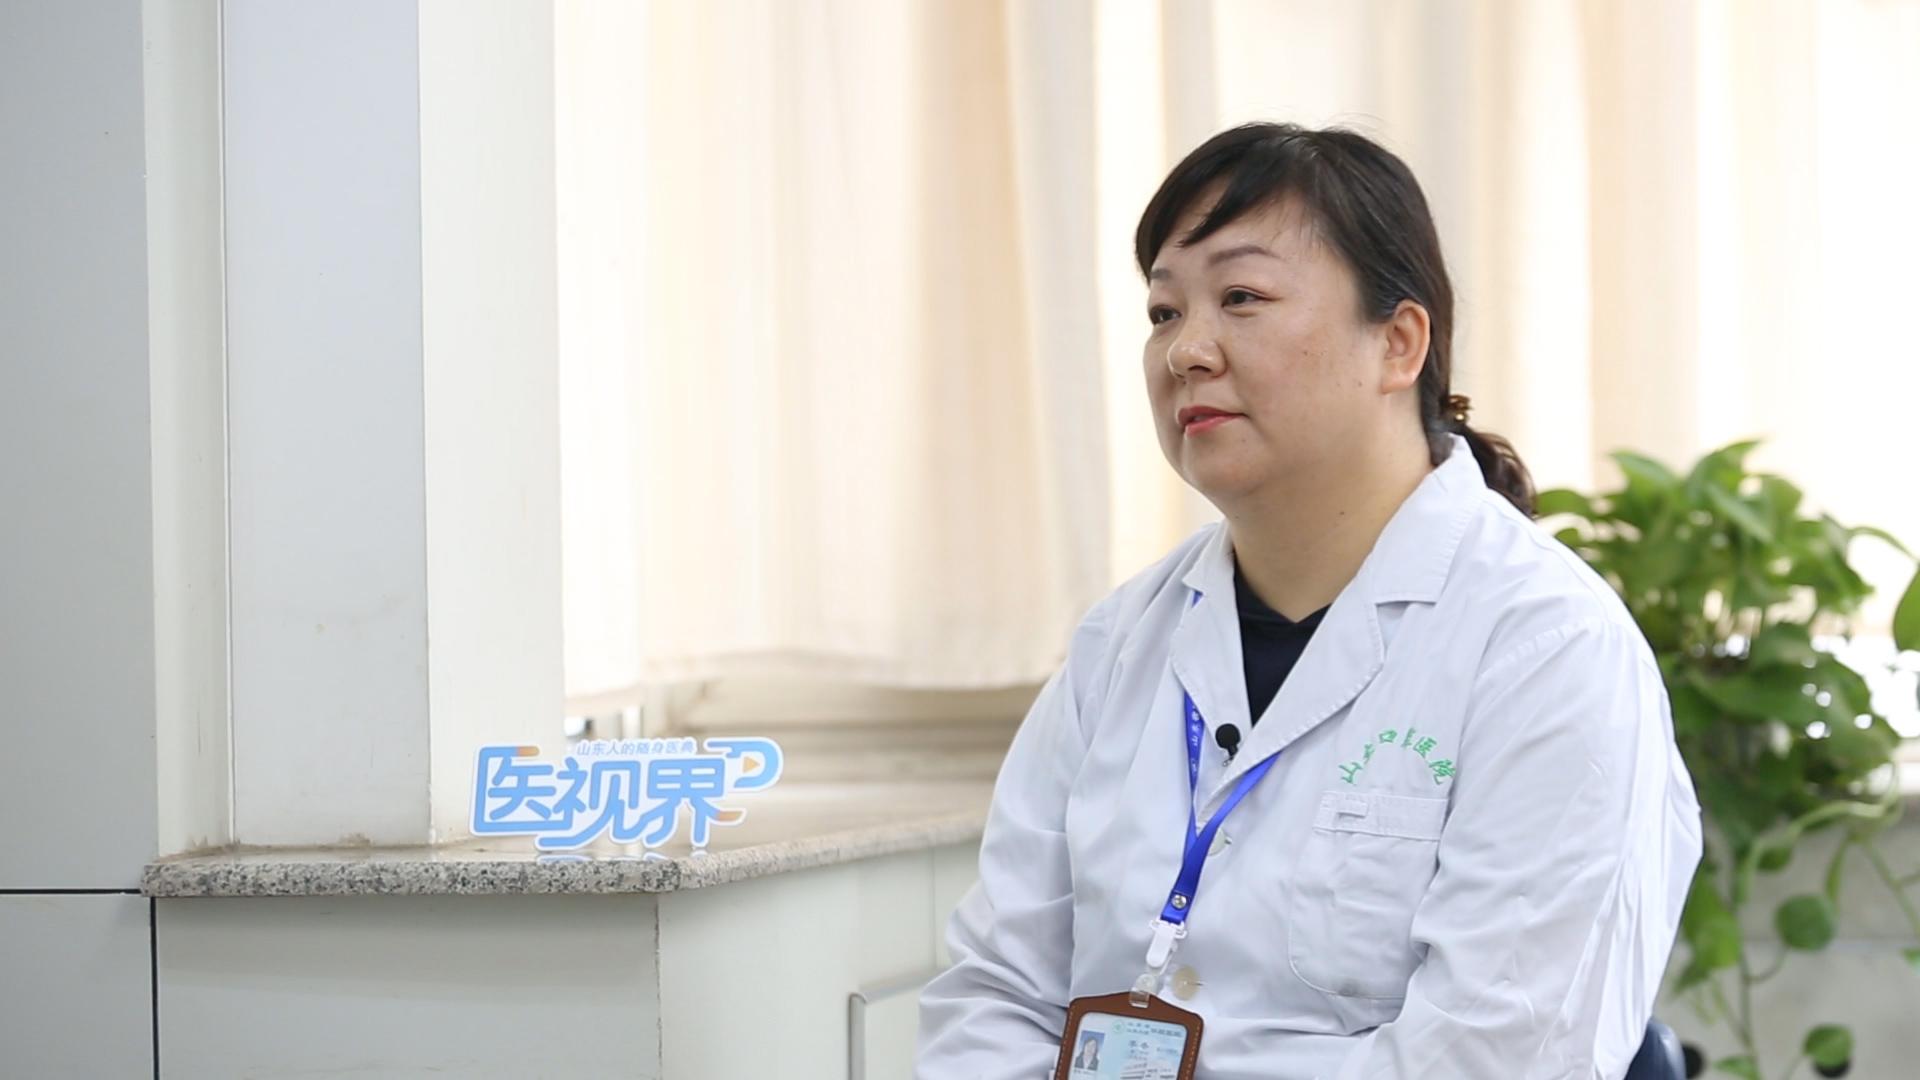 山东大学口腔医院副主任医师——李冬